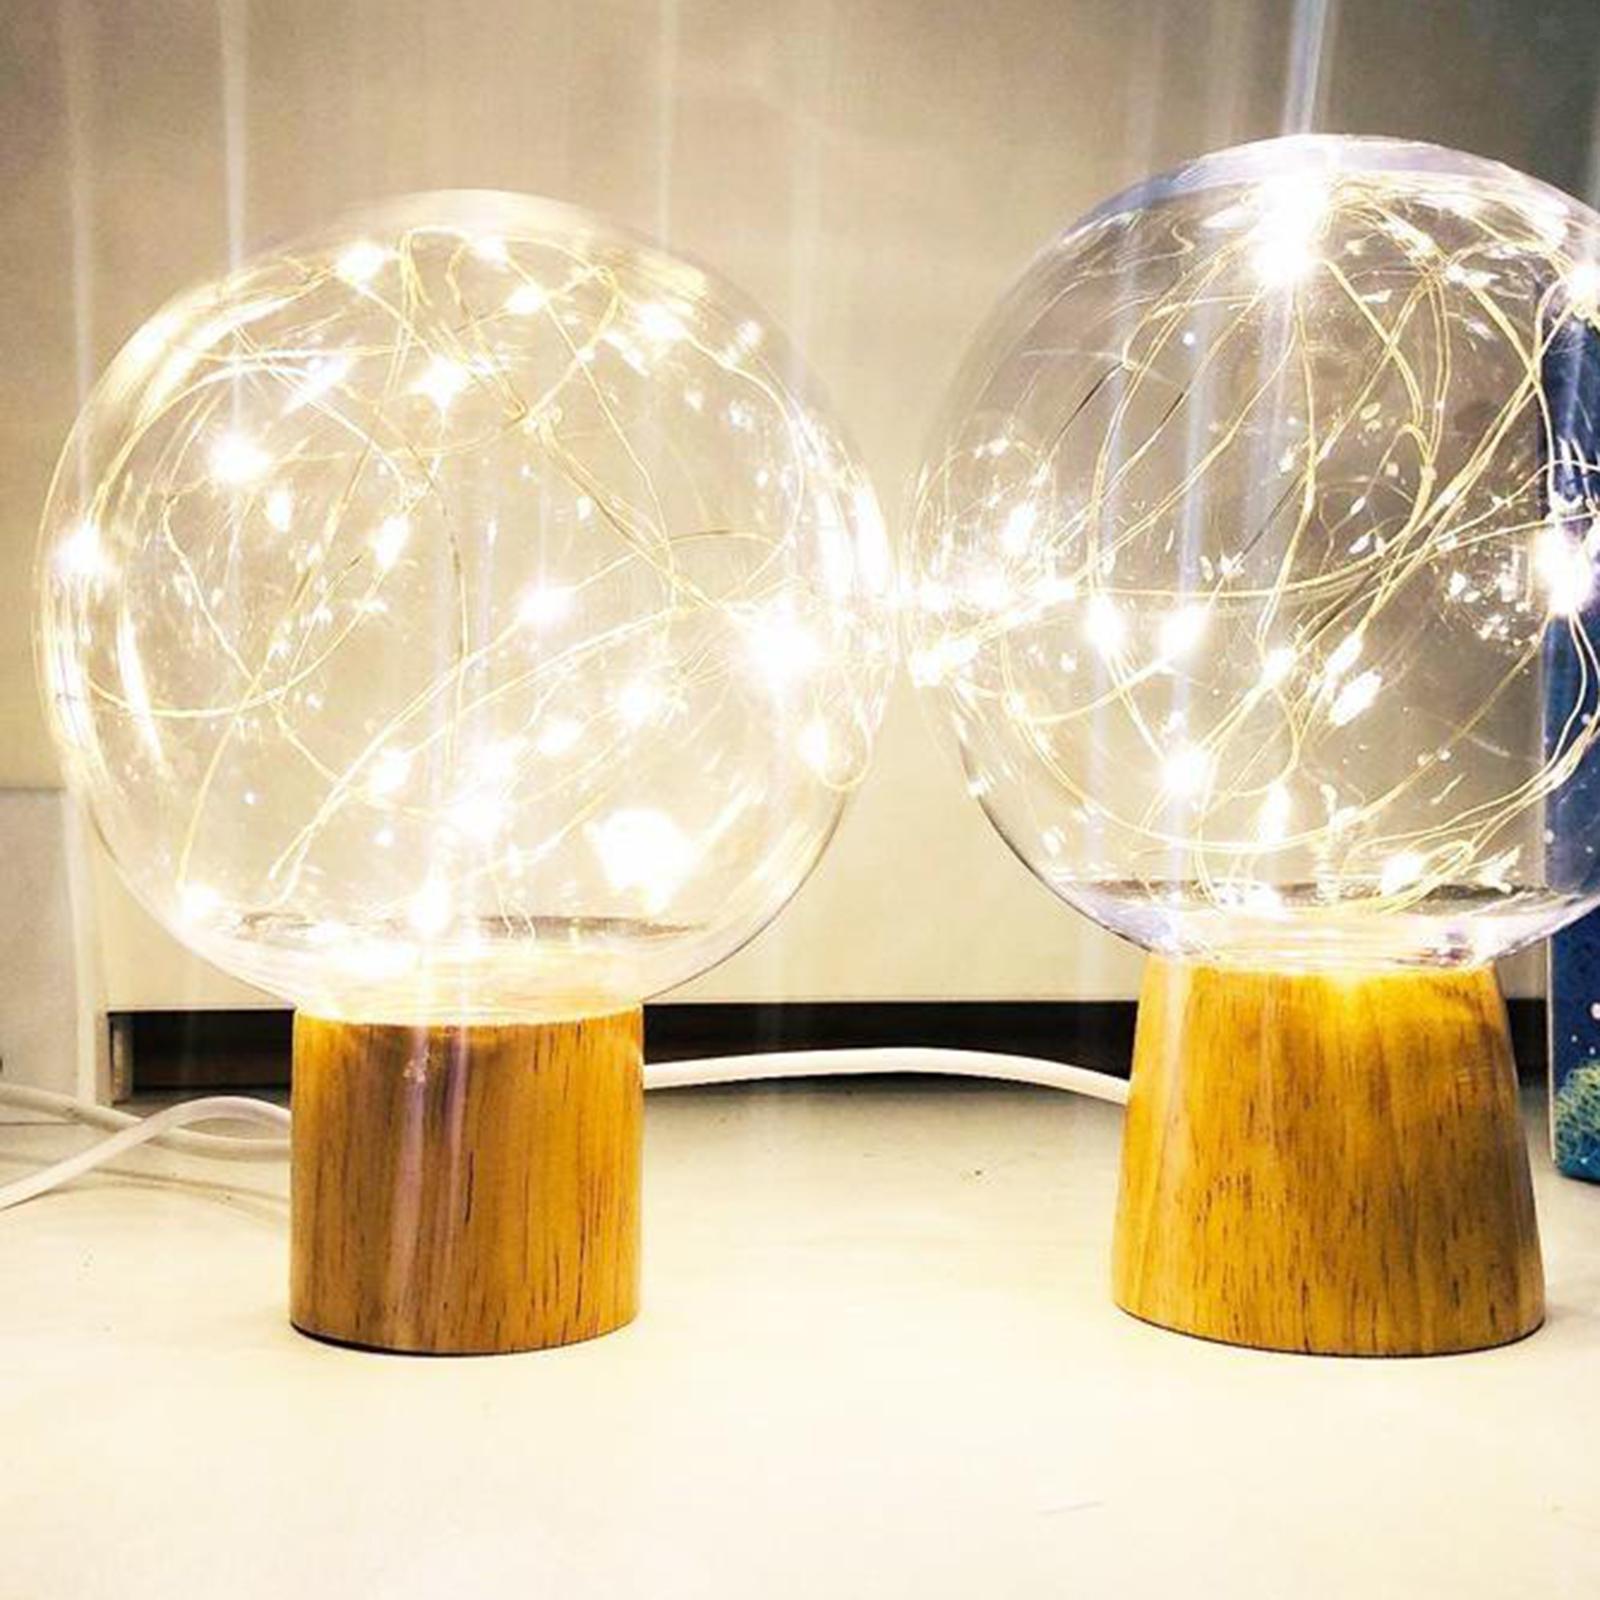 Lampada-da-tavolo-con-luce-notturna-in-cristallo-USB-Ricarica-telecomando miniatura 4